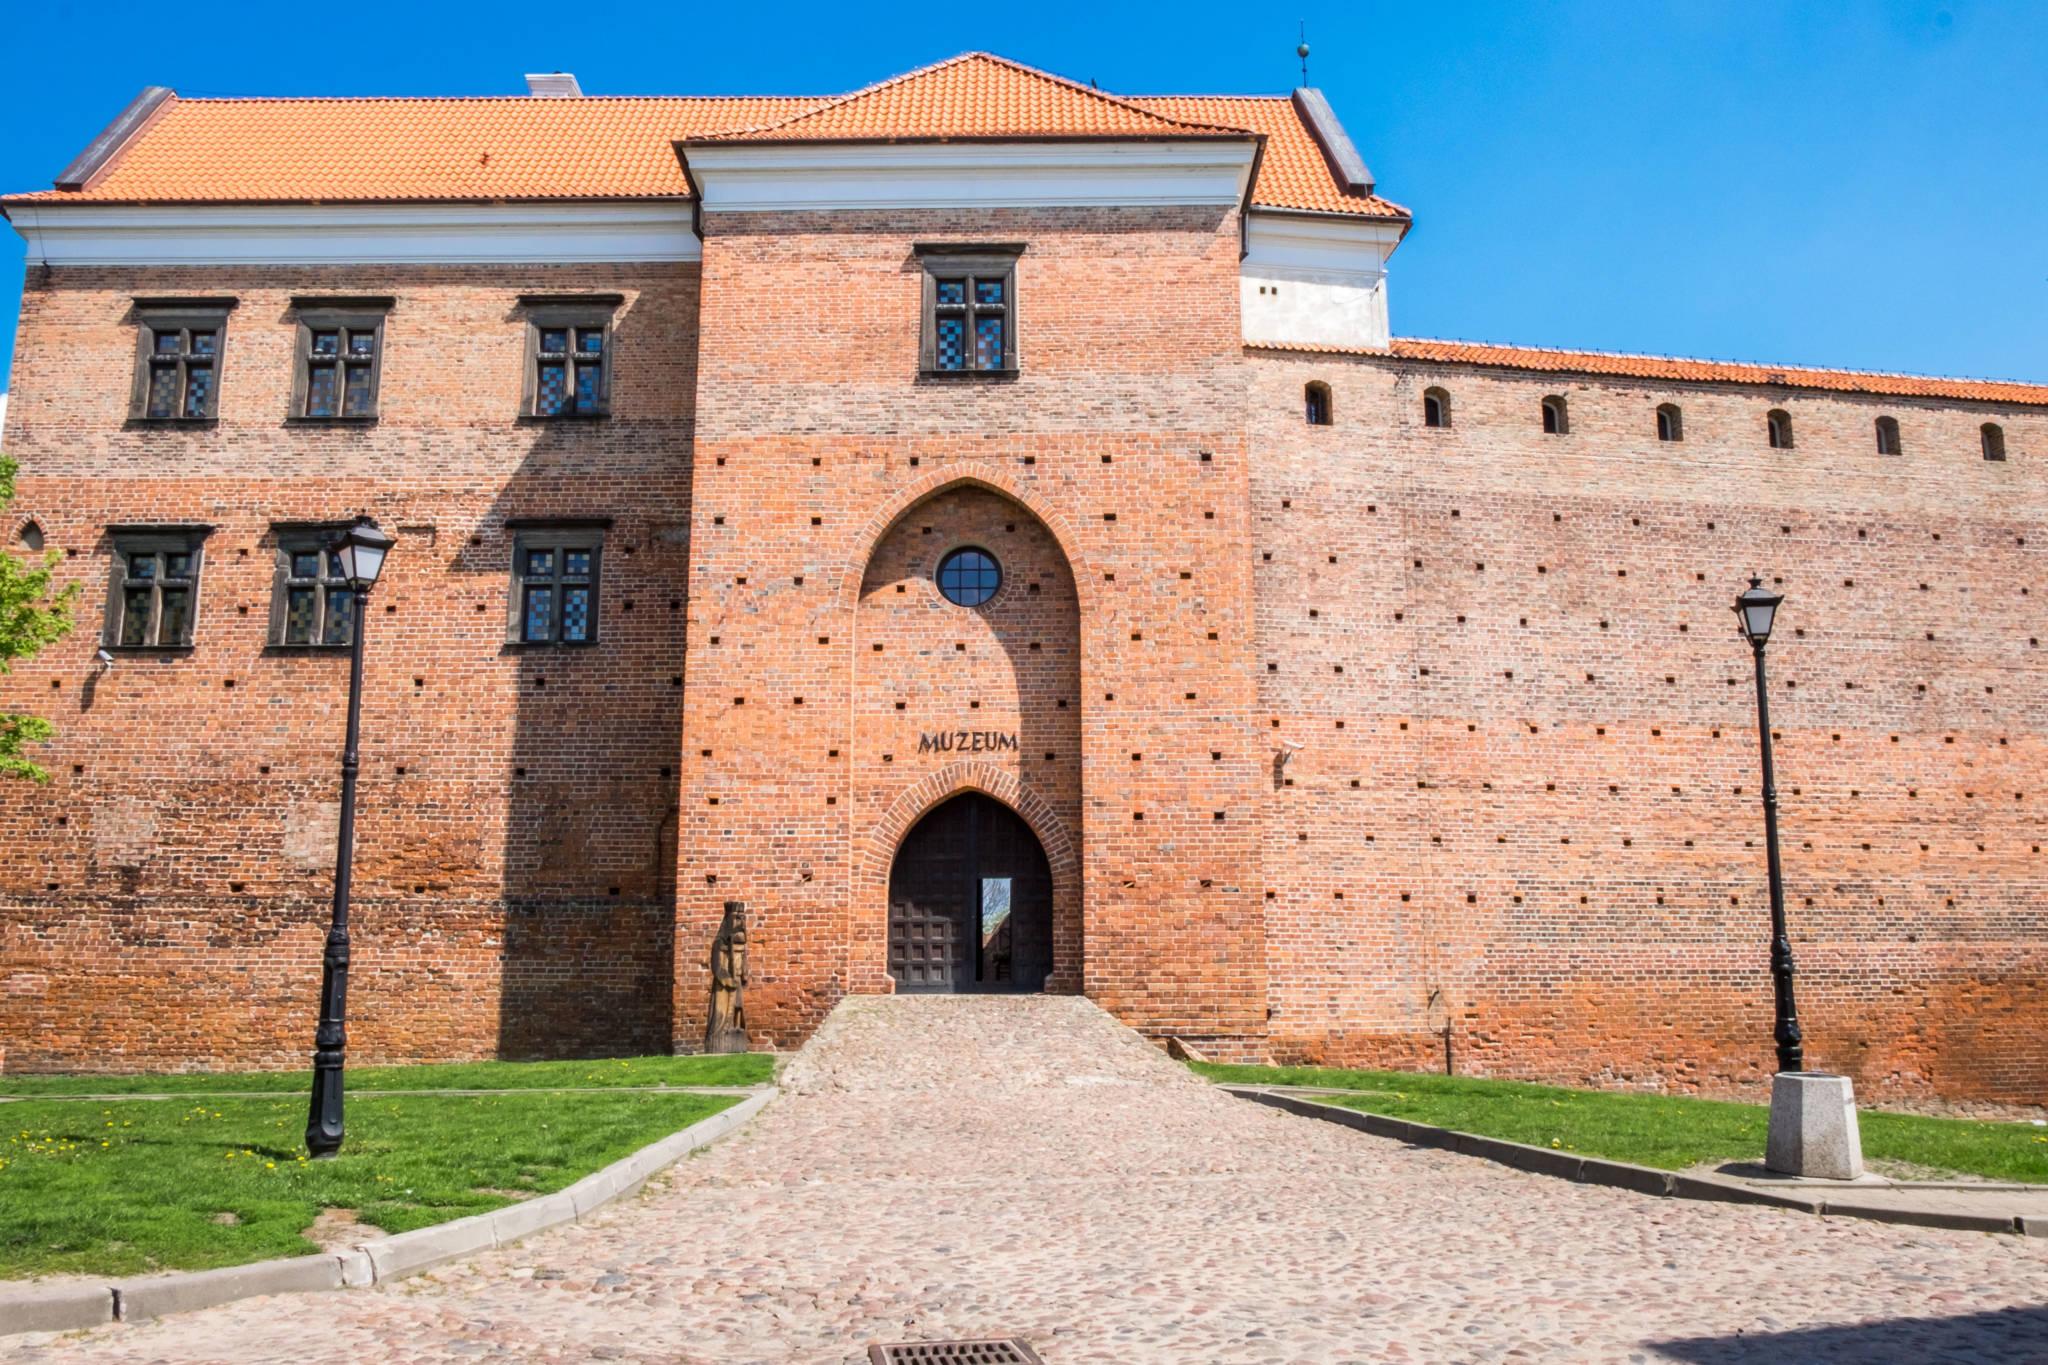 Zamek w Łeczycy (13 of 13)